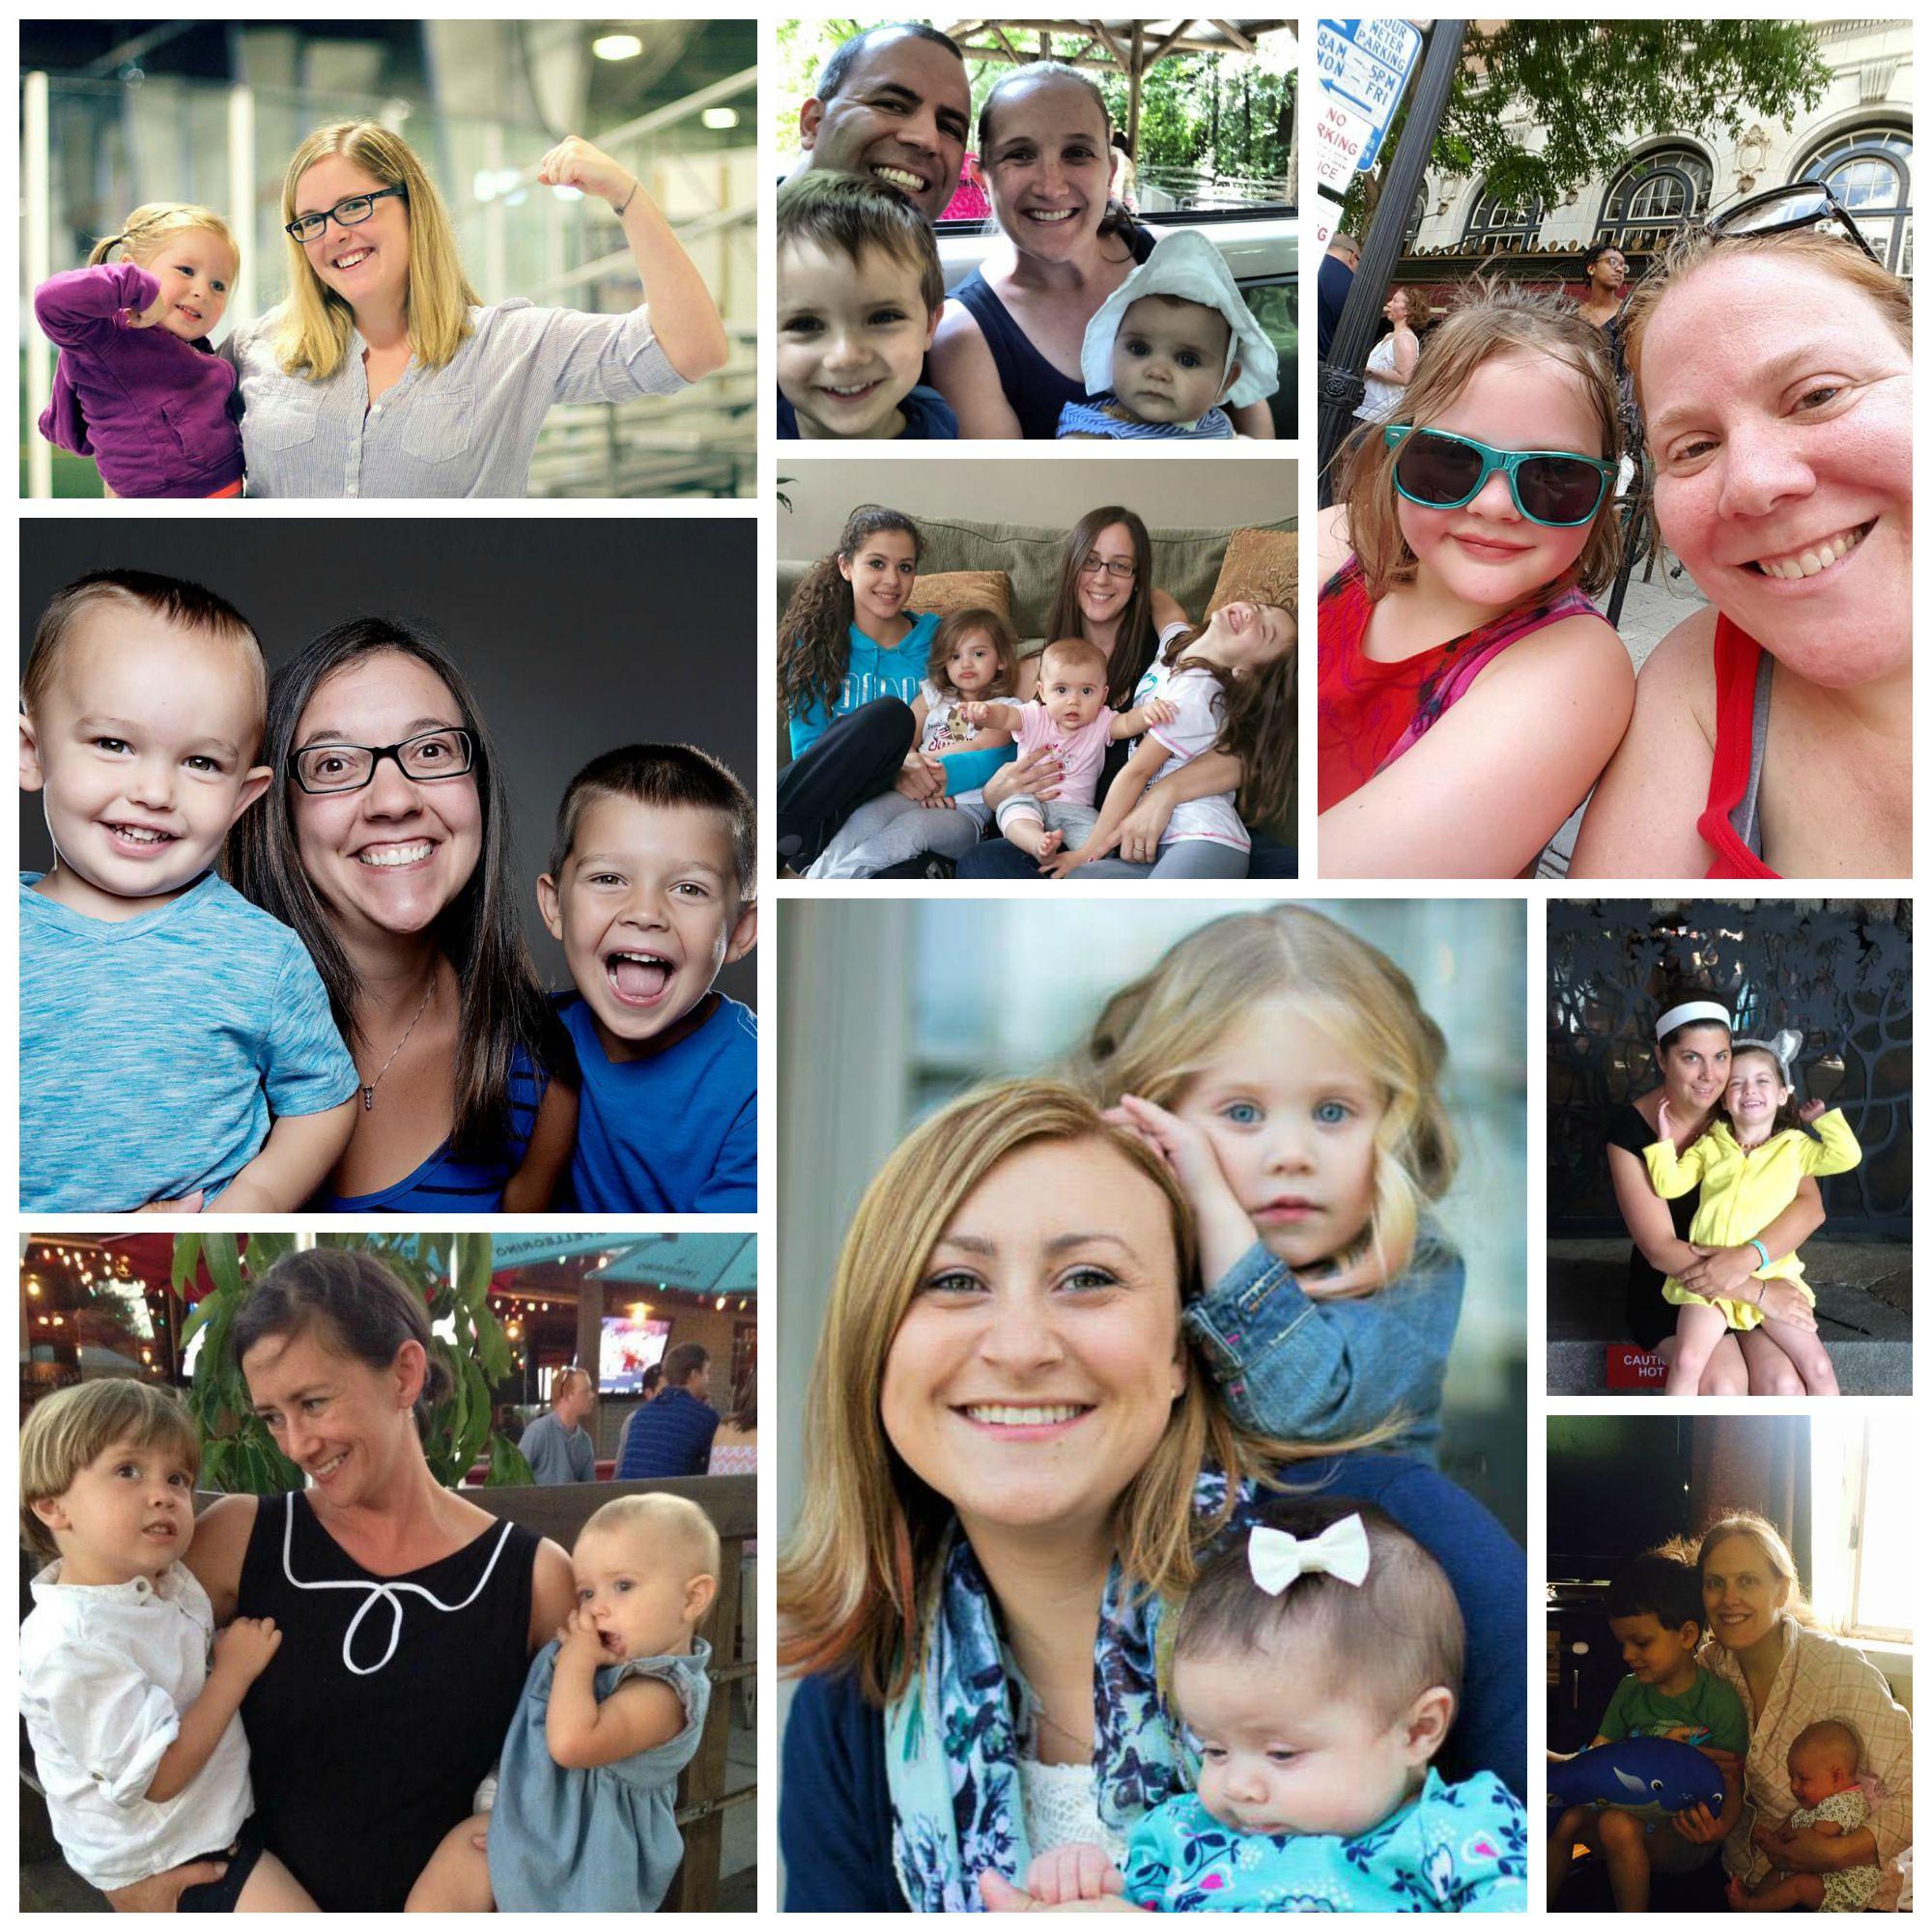 c335b2ac5 I Am a Warrior Mom - #WarriorMomCon - sweet lil you